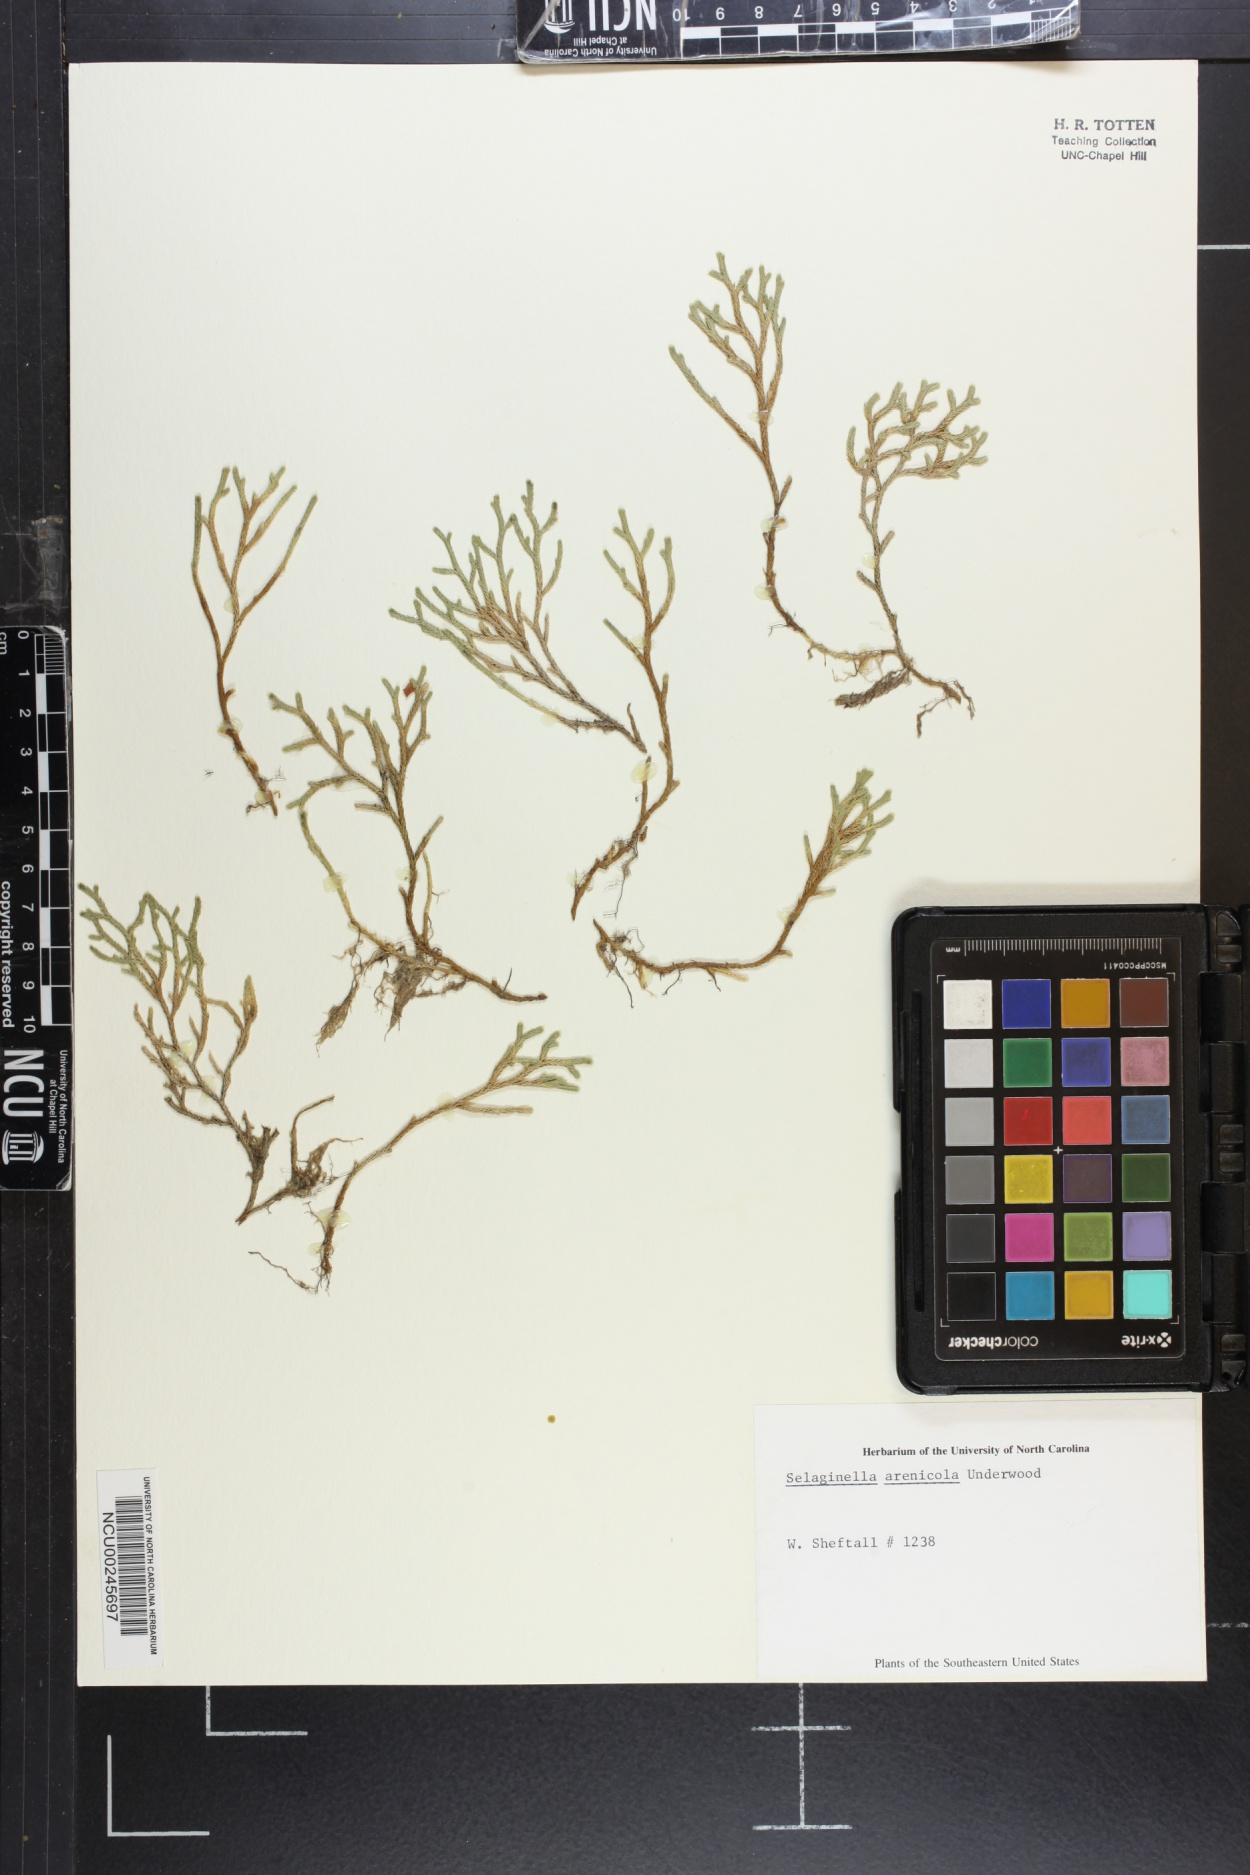 Selaginella arenicola image